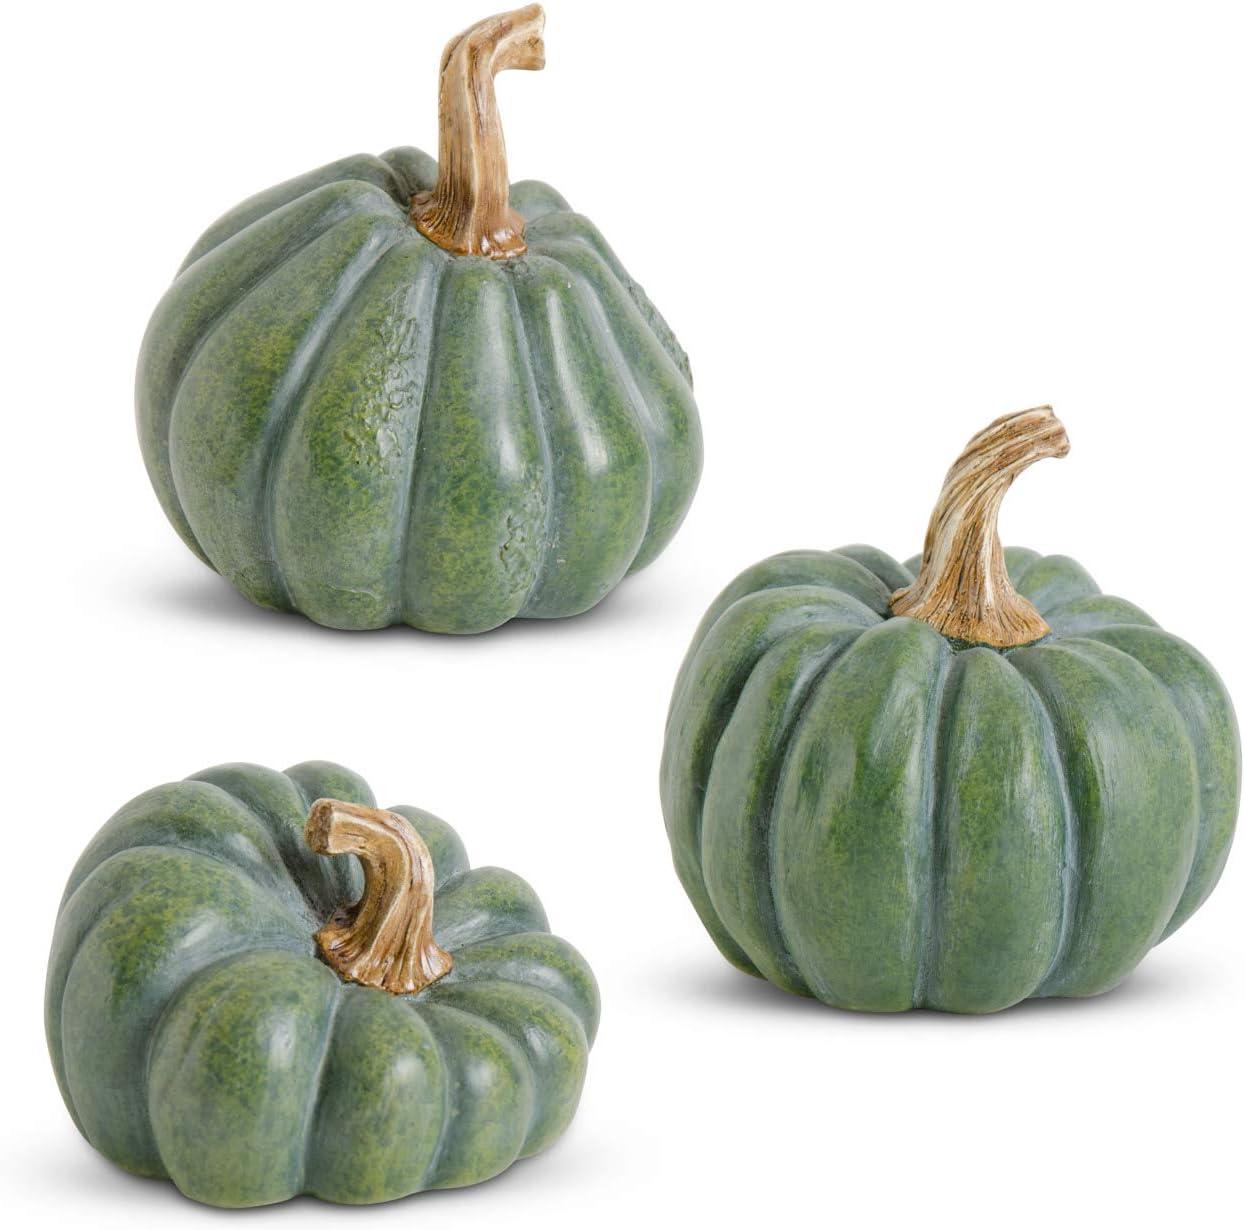 K&K Interiors 41594A-GR Assorted Green Resin Pumpkins (3 Styles)